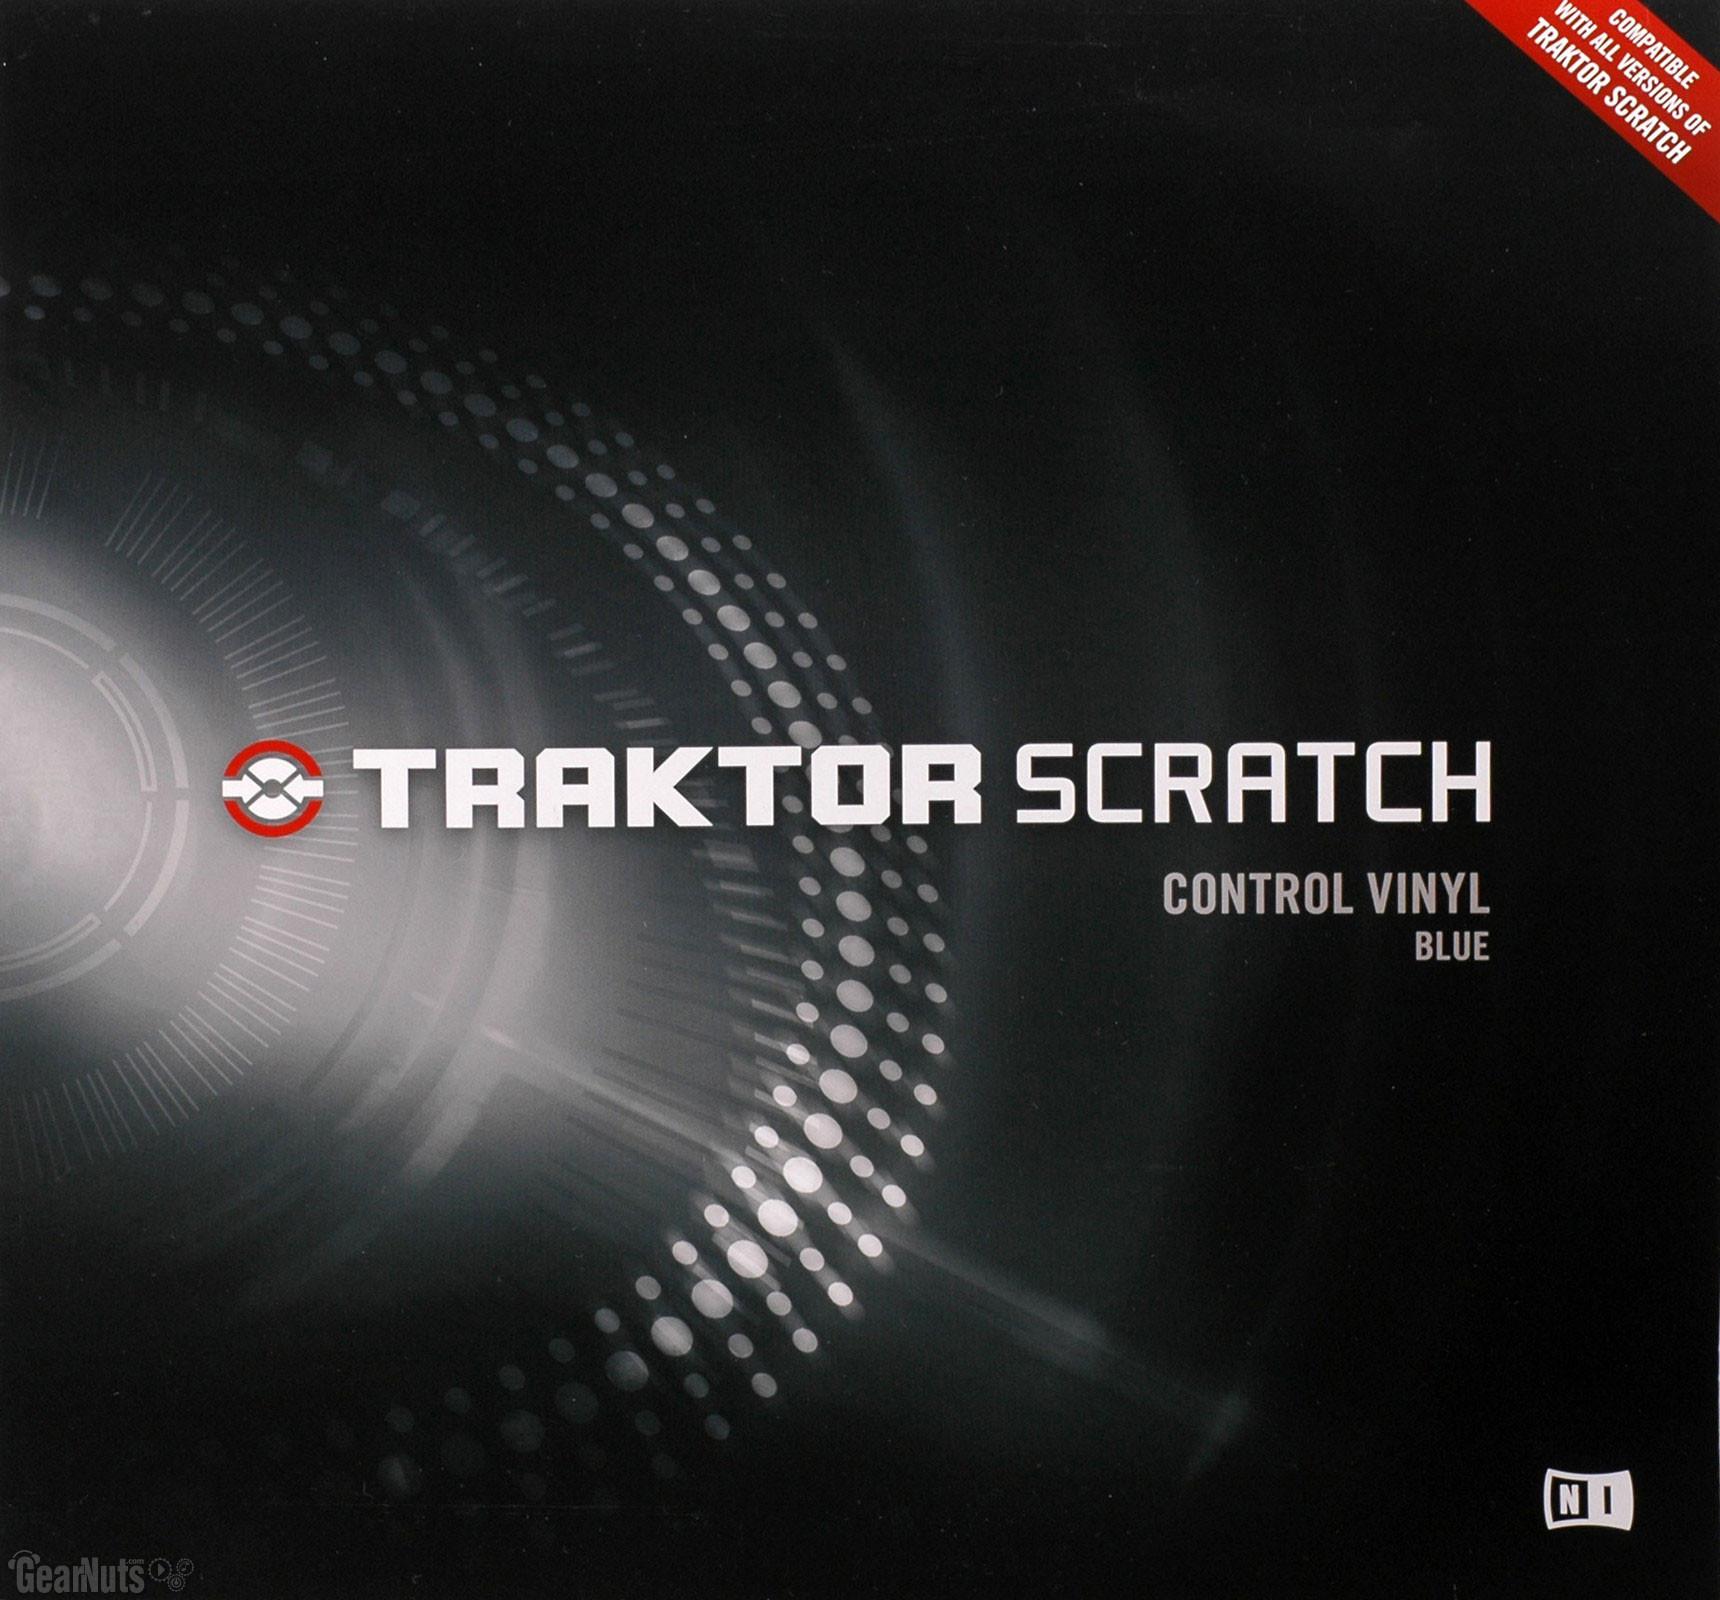 Software Native Instruments Traktor Scratch Pro 12 Incl Keygen AiR 1720x1600